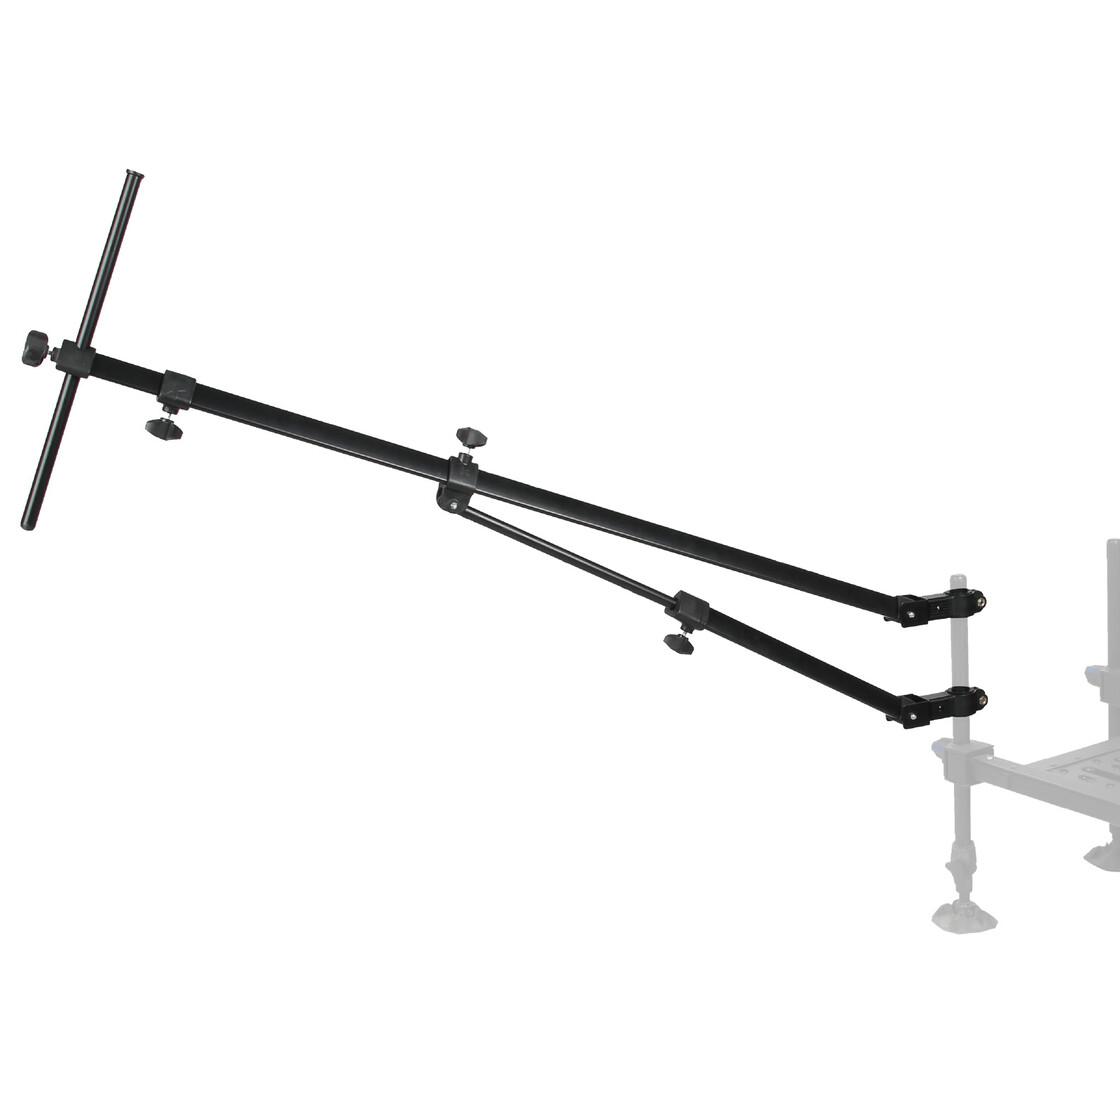 Feederruten-Ablage universell einsetzbar bis 2 Meter ausziehbar